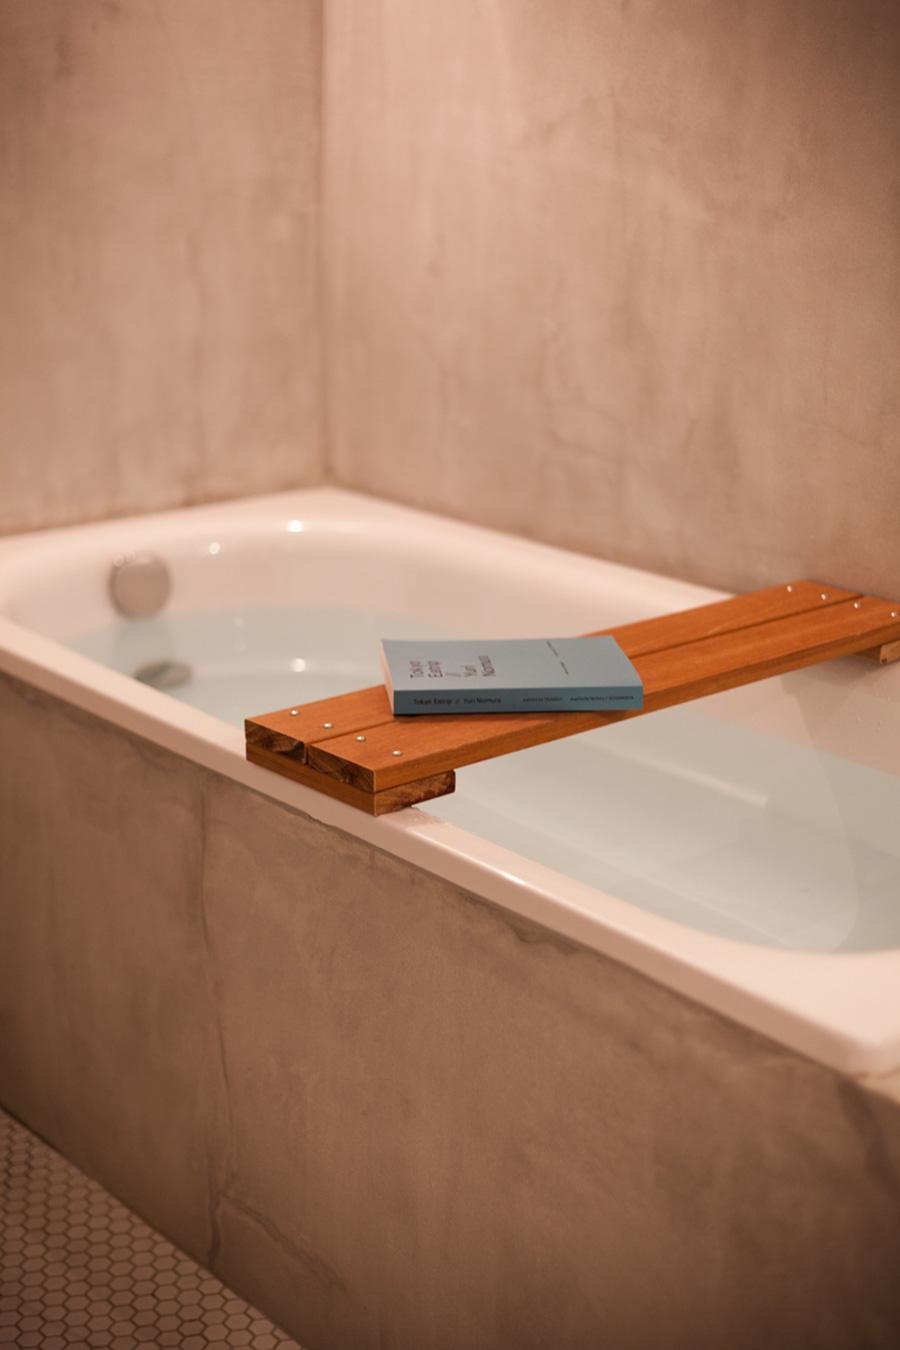 音楽を聴きながらゆったりお風呂に浸かるのが楽しみ。